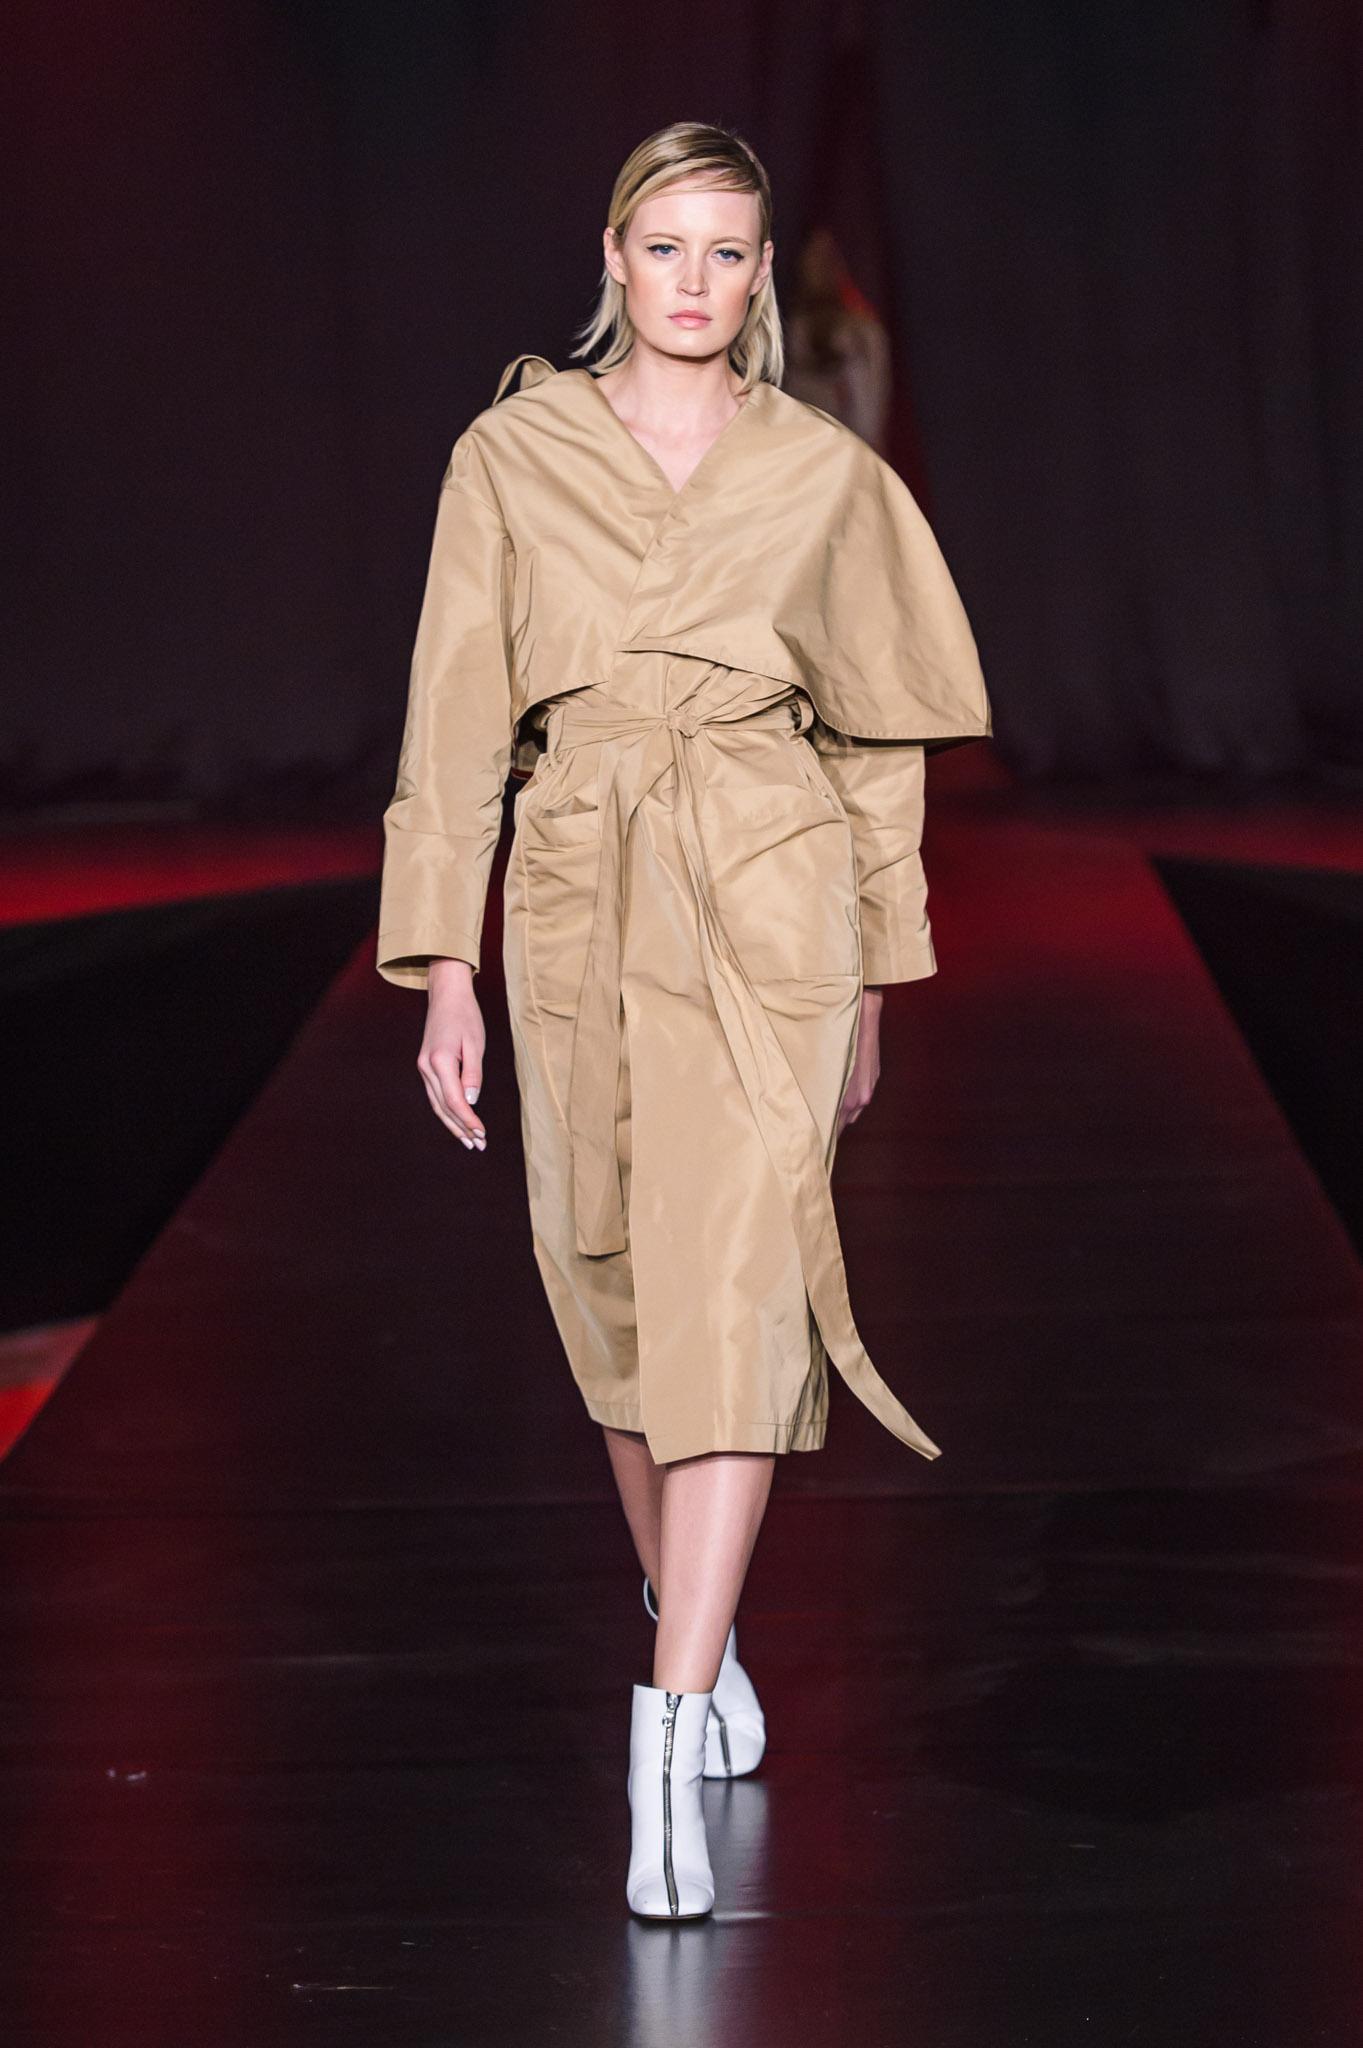 martabanaszek_fotfilipokopny_fashionimages-28 9/10